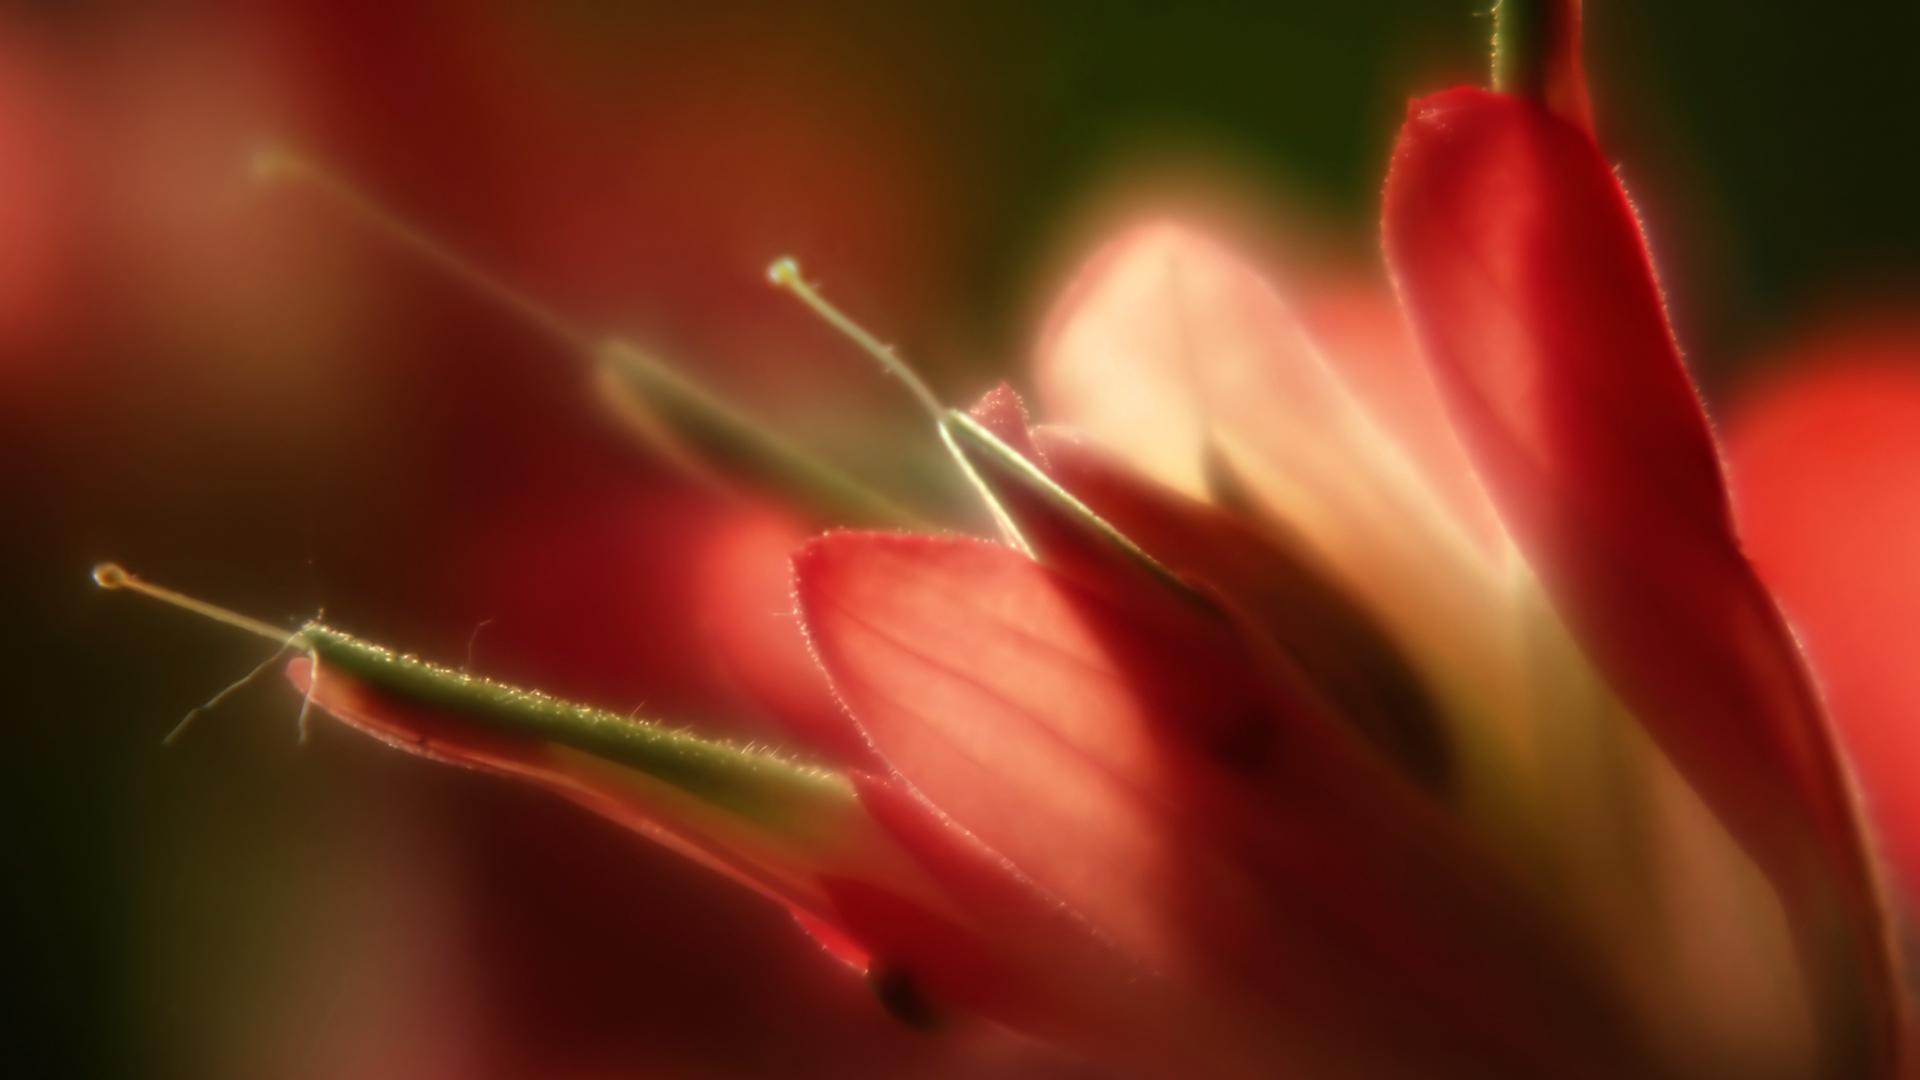 Lovely Flower Macro Wallpaper 14176